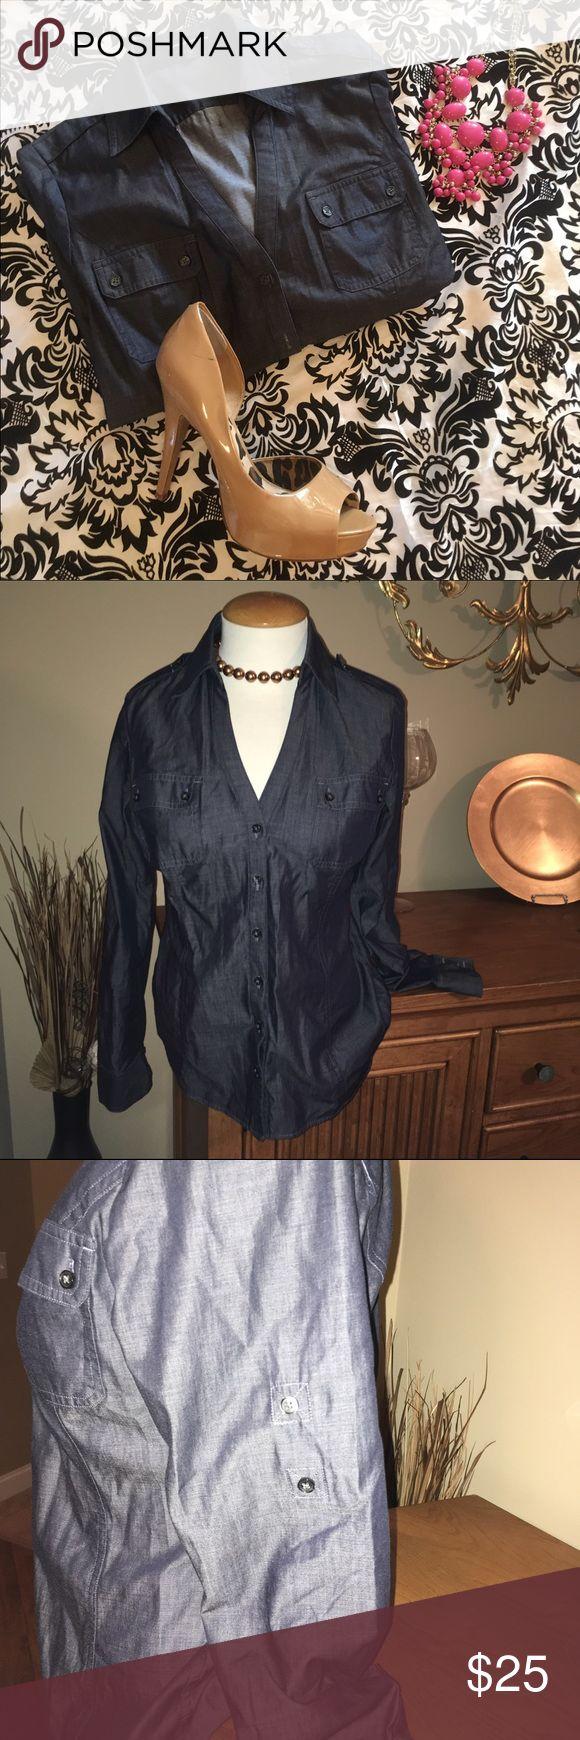 Versatile Denim top Size medium express shirt. Shirt can be worn with denim or khaki. Express Tops Blouses